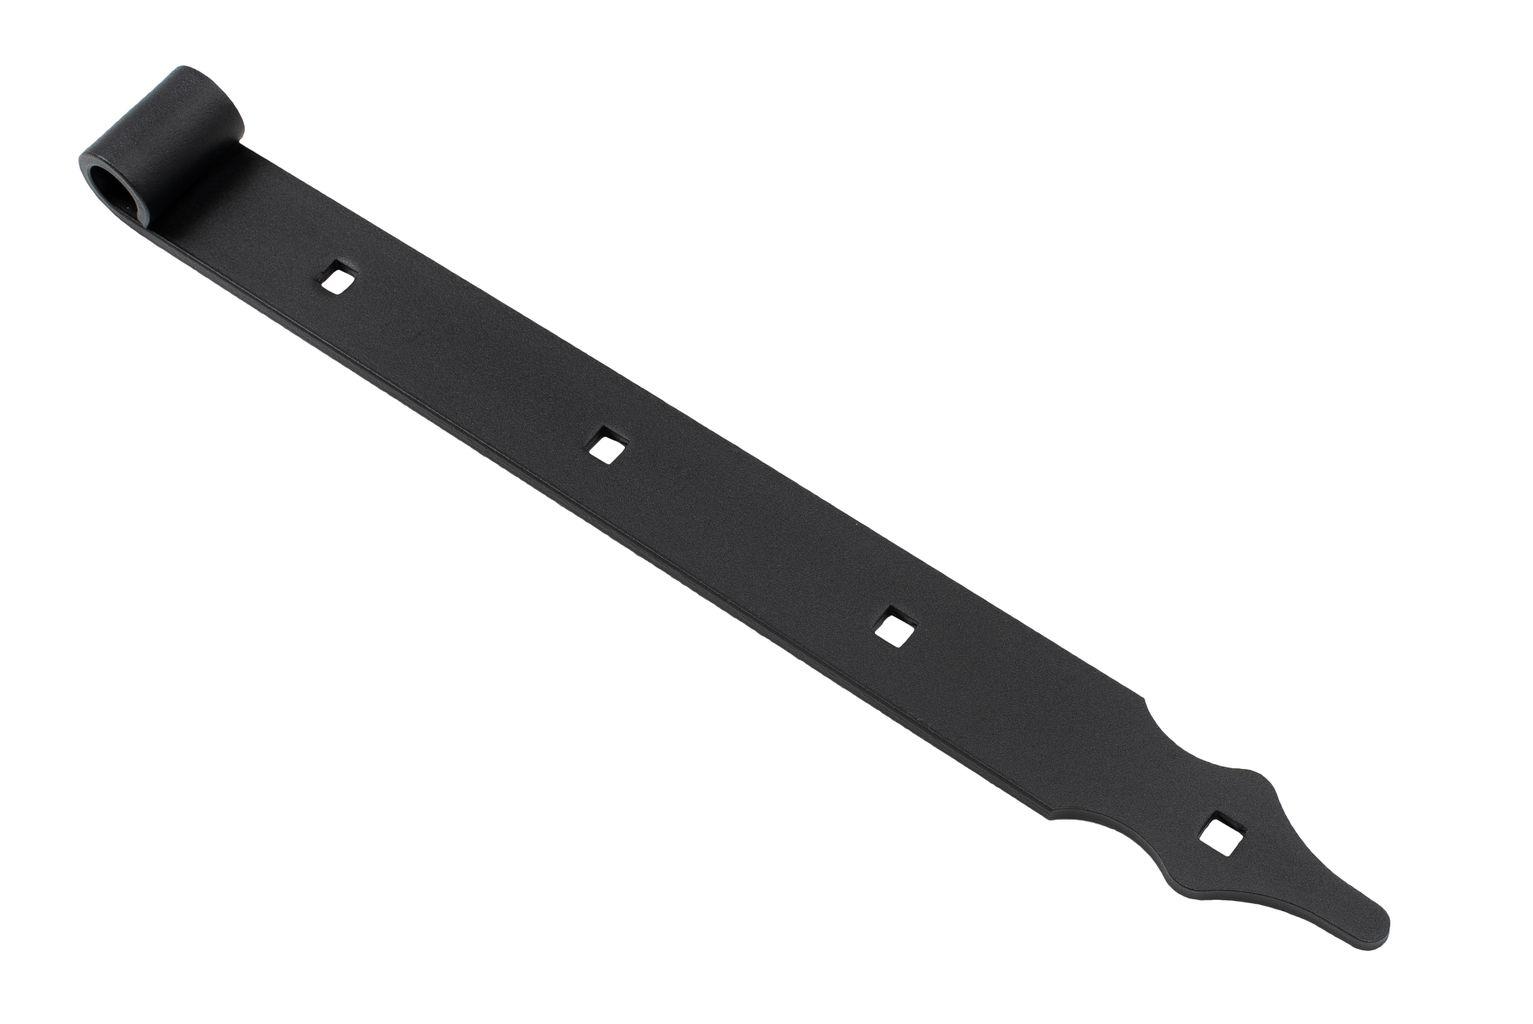 Penture droite noire avec trous carrés 40 cm - Pointe rustique